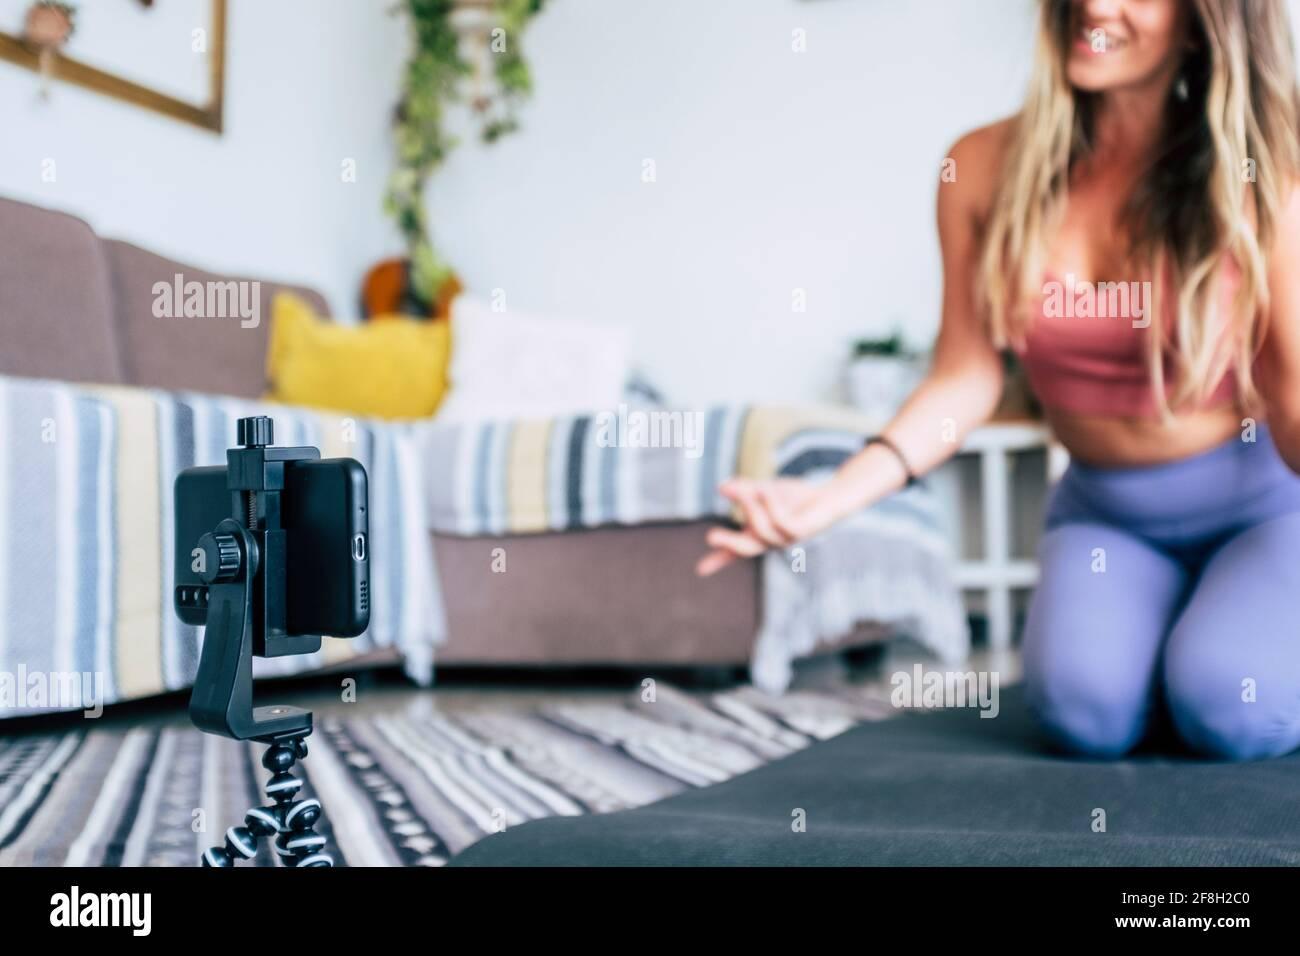 Giovane donna che si esercita a casa facendo l'allenamento e la registrazione a. lei con il telefono cellulare per insegnare l'allenamento e produrre il web classe - attività di creazione di contenuti Foto Stock